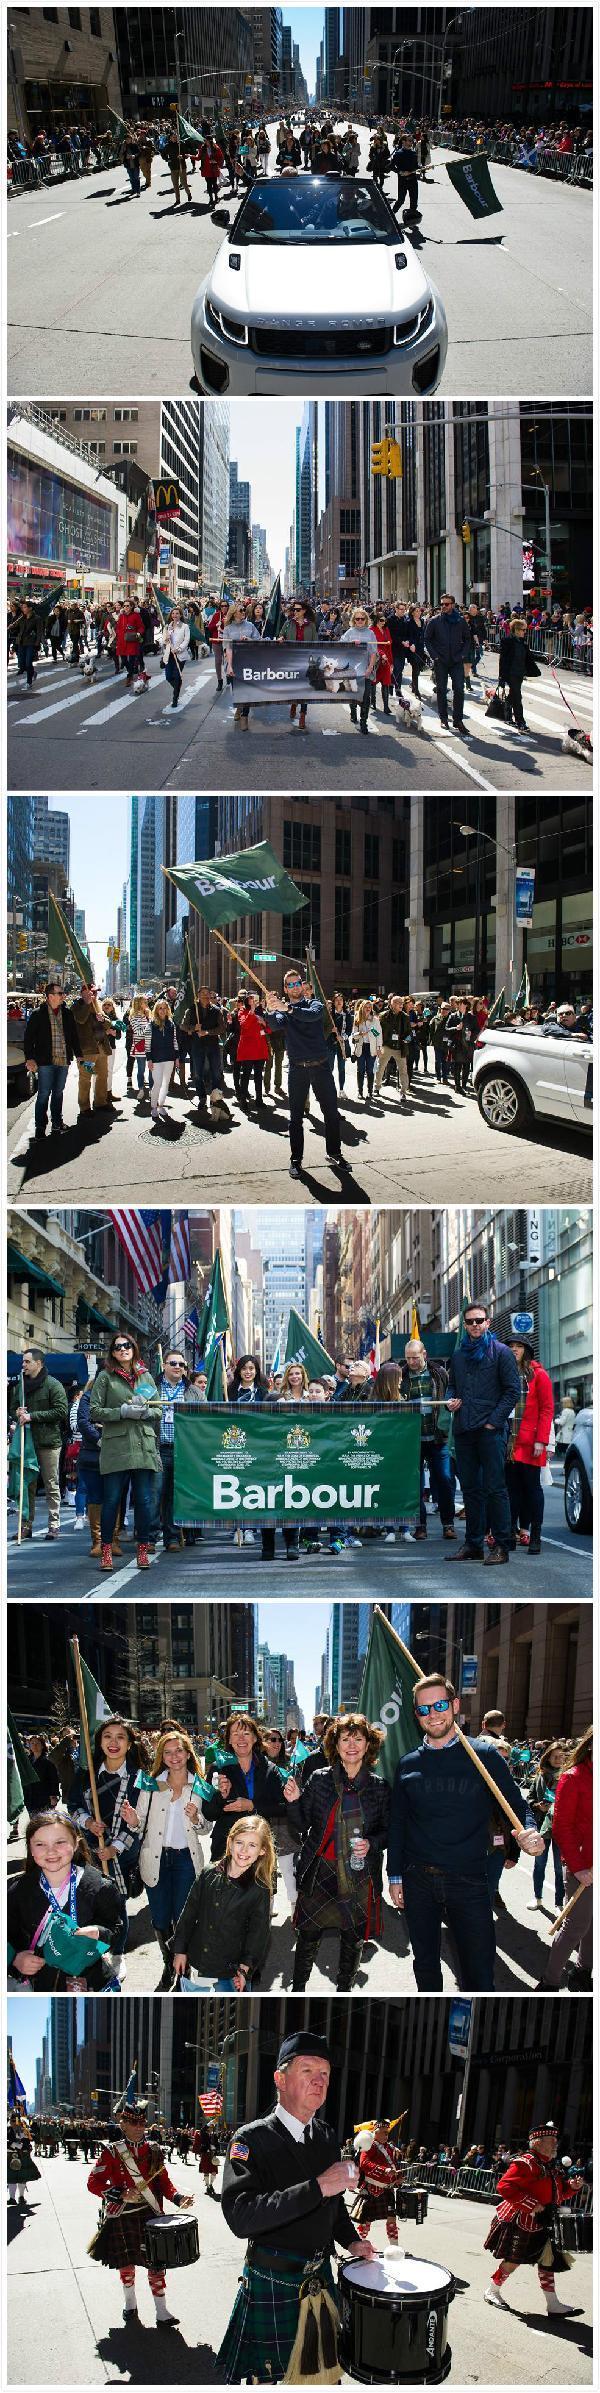 因为爱,所以张扬——Barbour纽约游行记